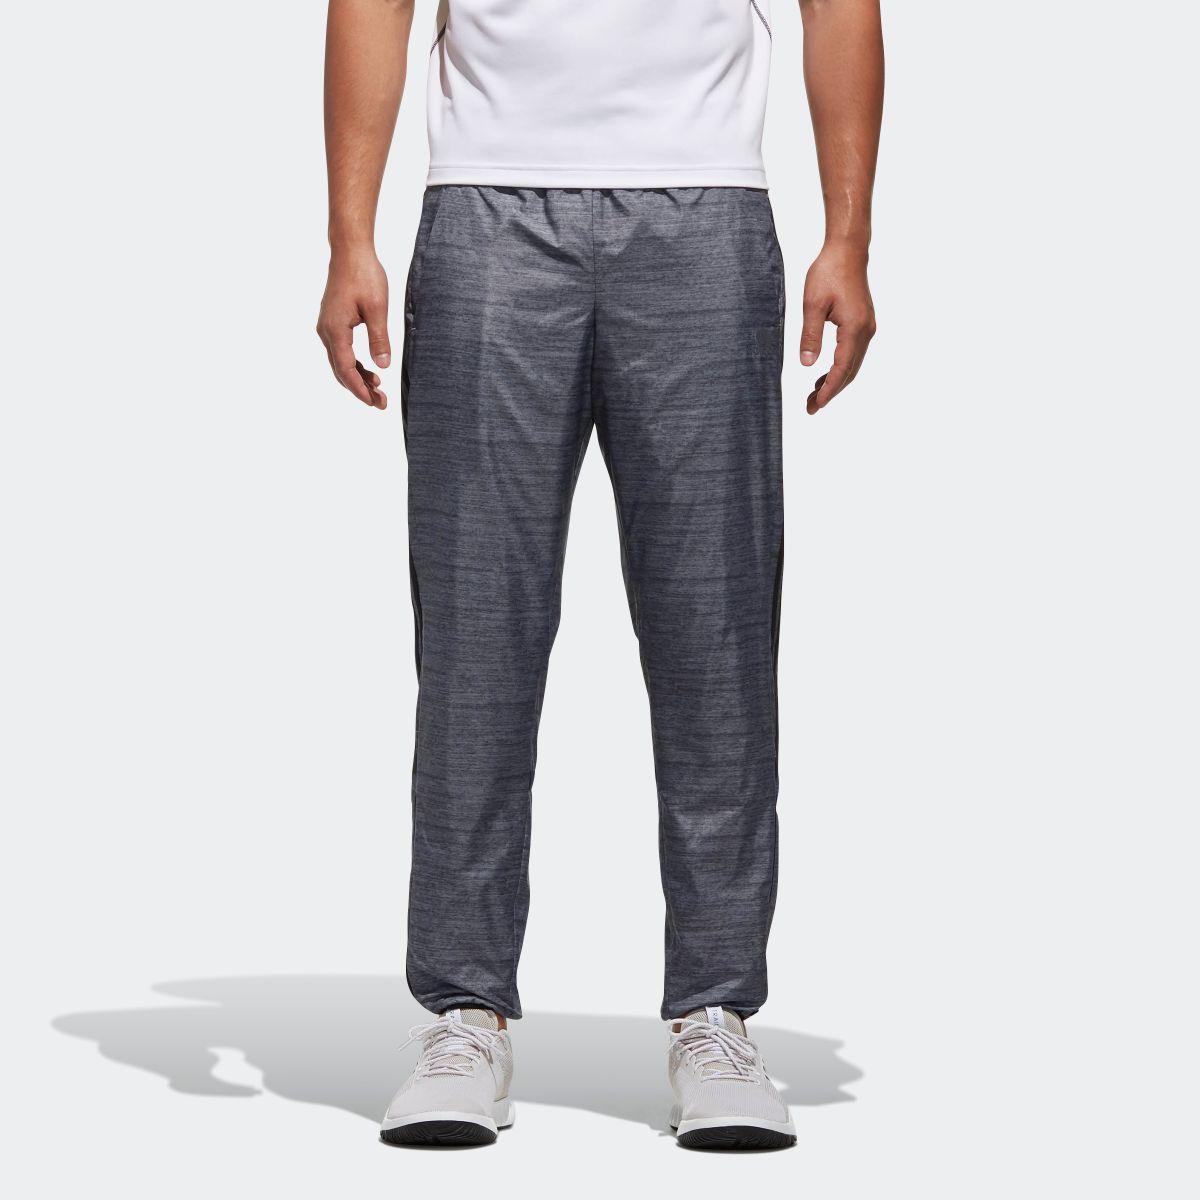 【公式】アディダス adidas M adidas 24/7 ウインドパンツ (裏起毛) メンズ DN1474 ジム・トレーニング ウェア ポリエステル タフタ